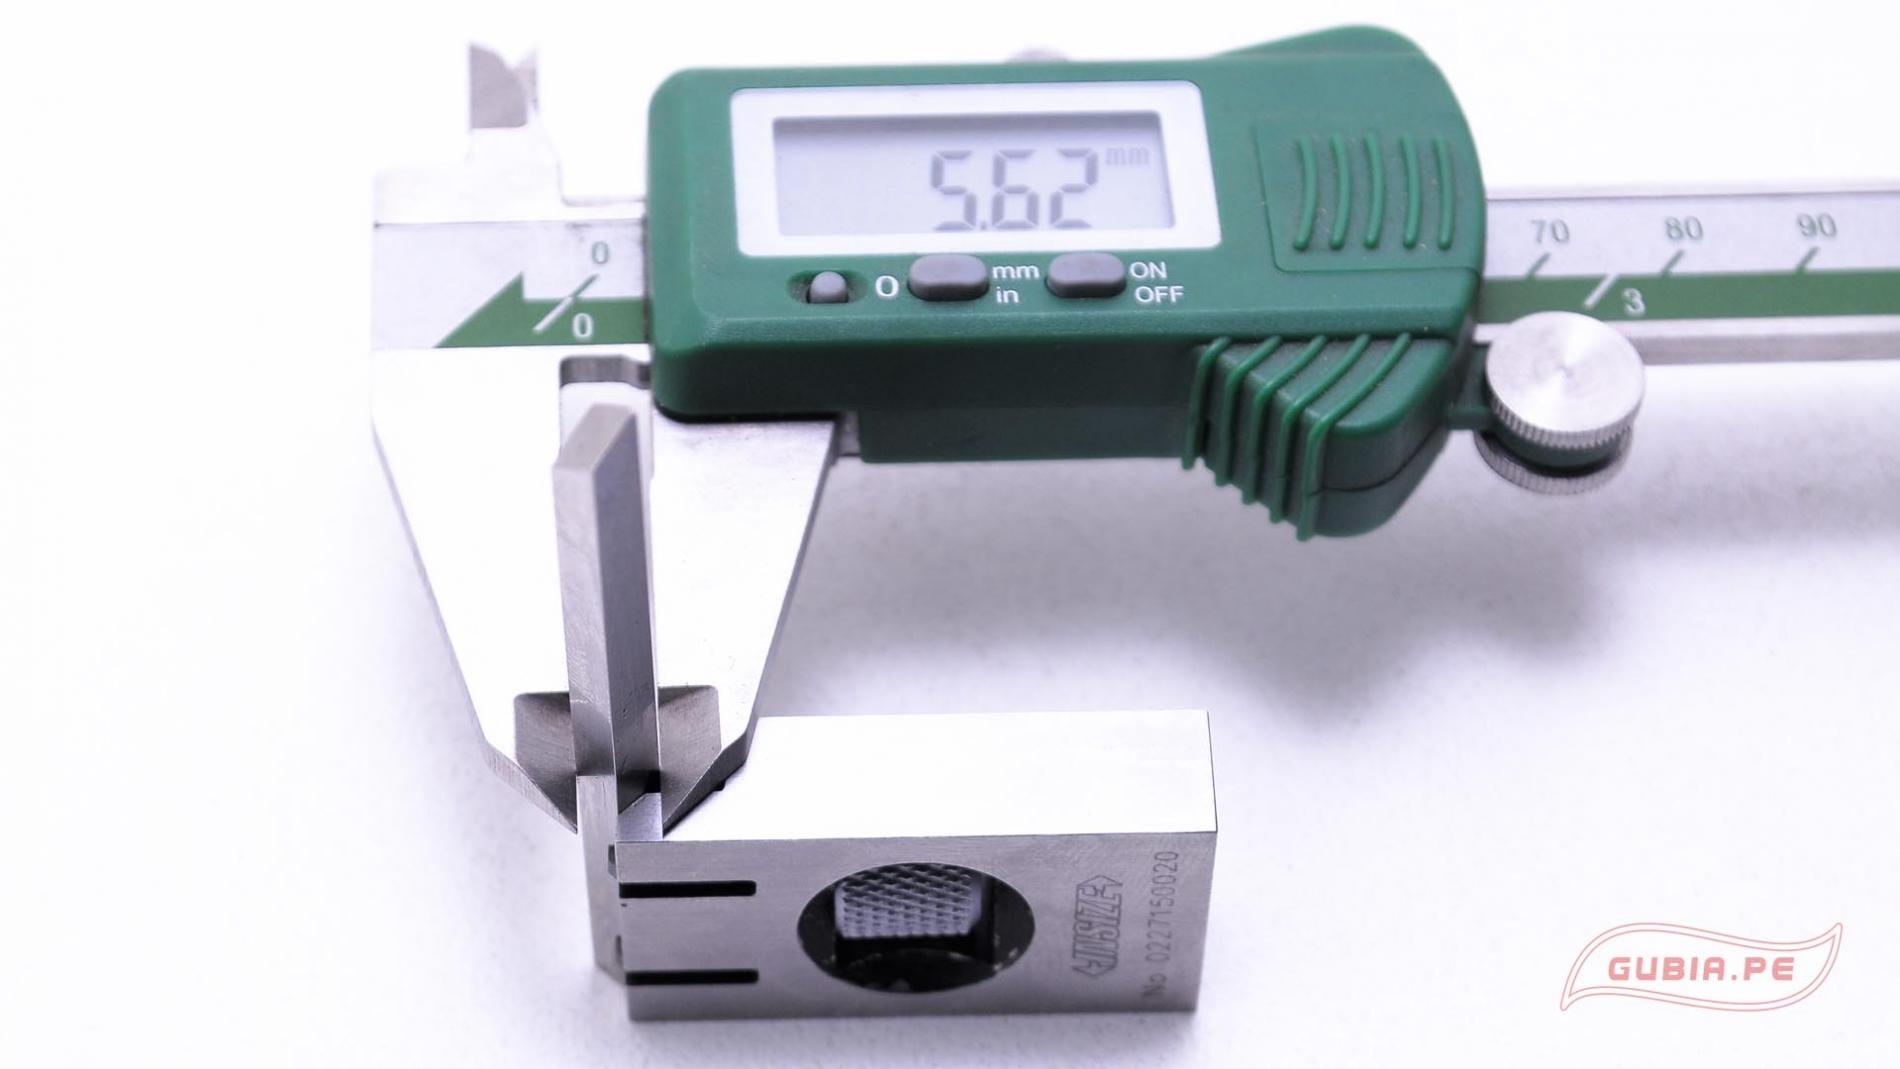 4701-01-Escuadrita ajustable y precisa medir angulo recto uniones caja 6x38 mm INSIZE 4701-01-max-4.